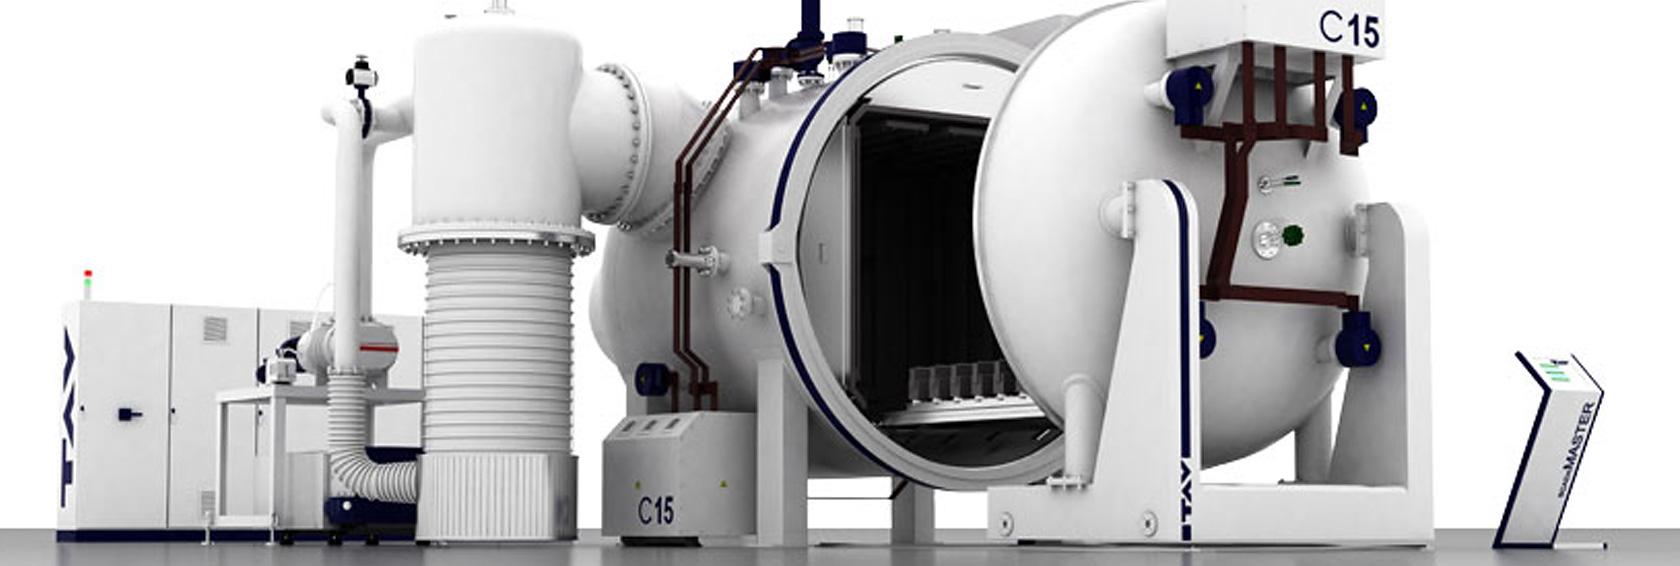 VFE vacuum furnaces